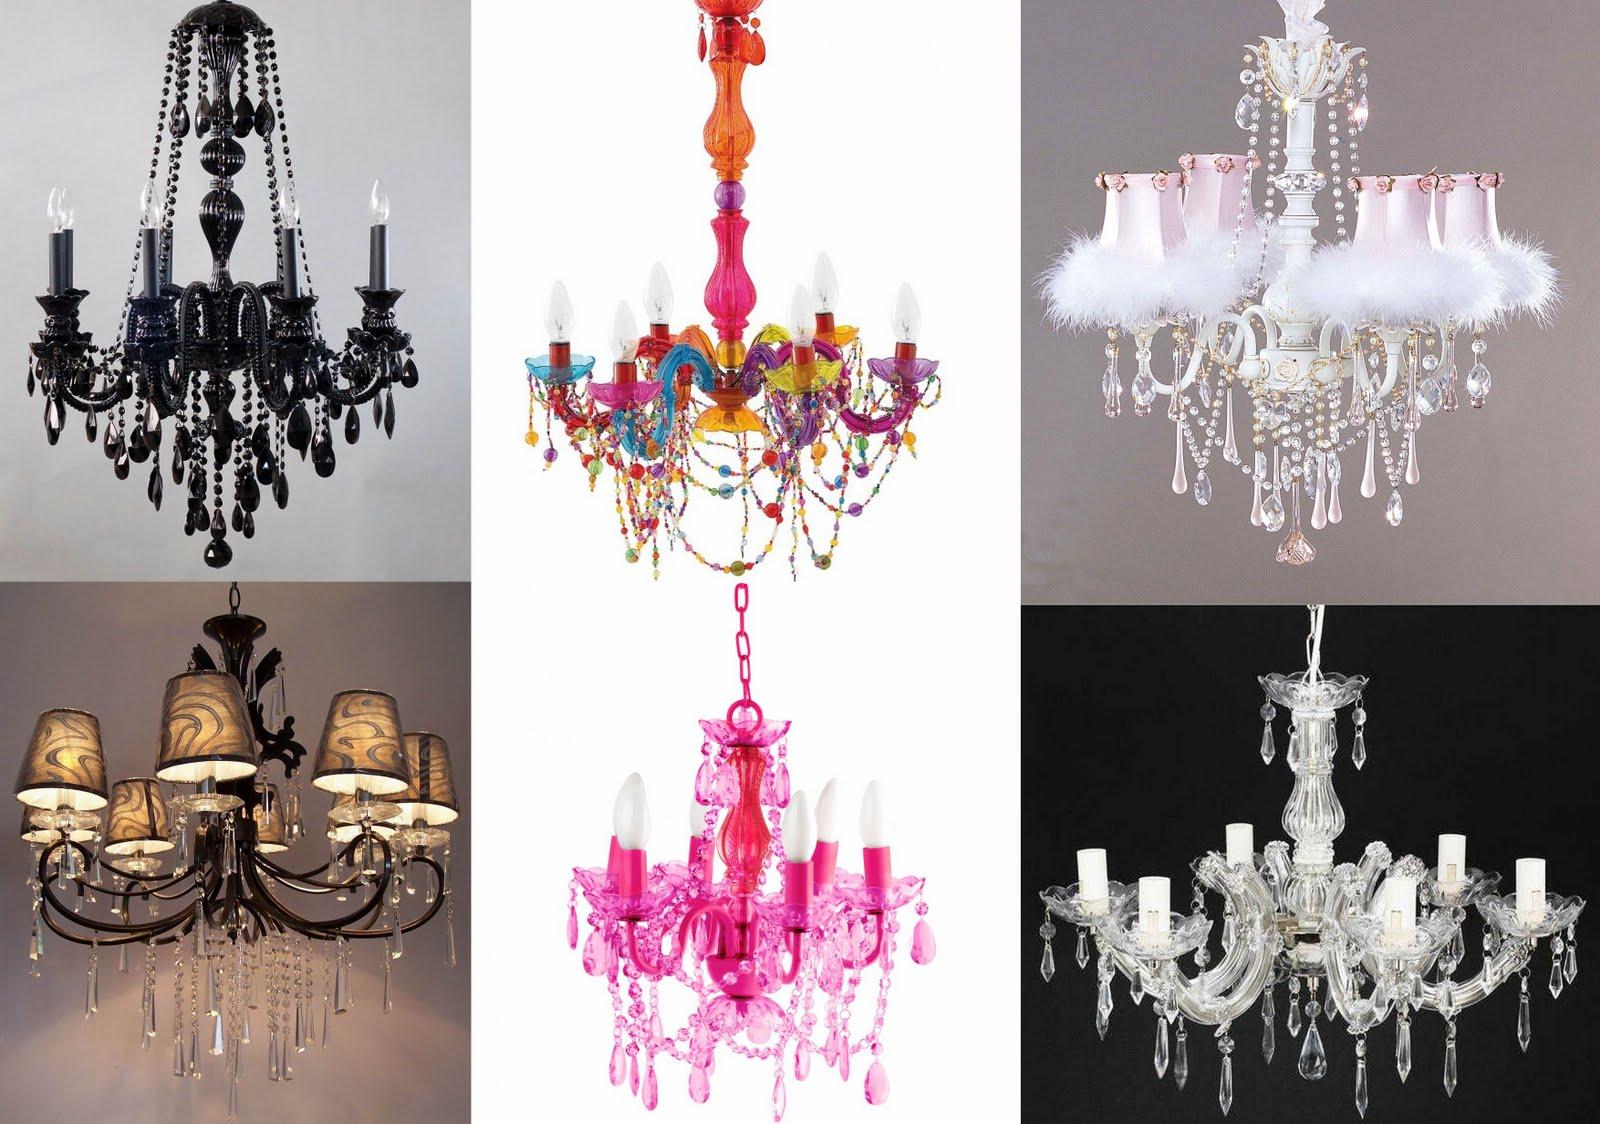 Lima backstage chandeliers - Candelabros modernos ...